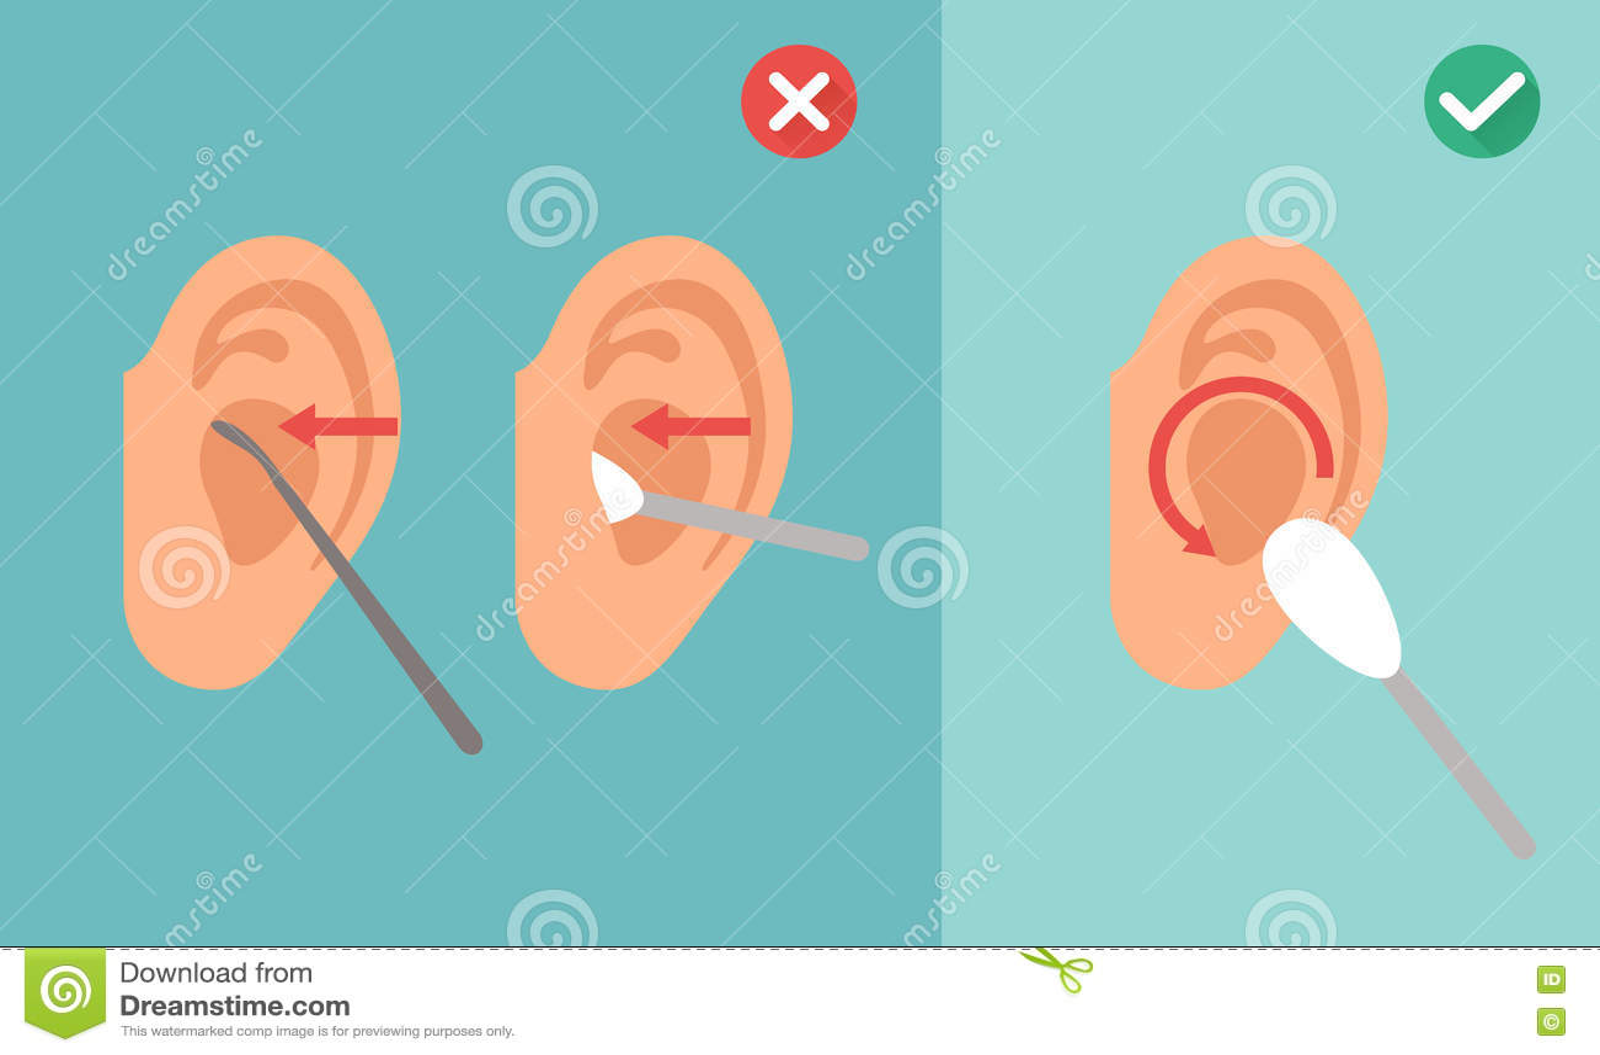 Maneira errada e direita para limpar a orelha, vetor